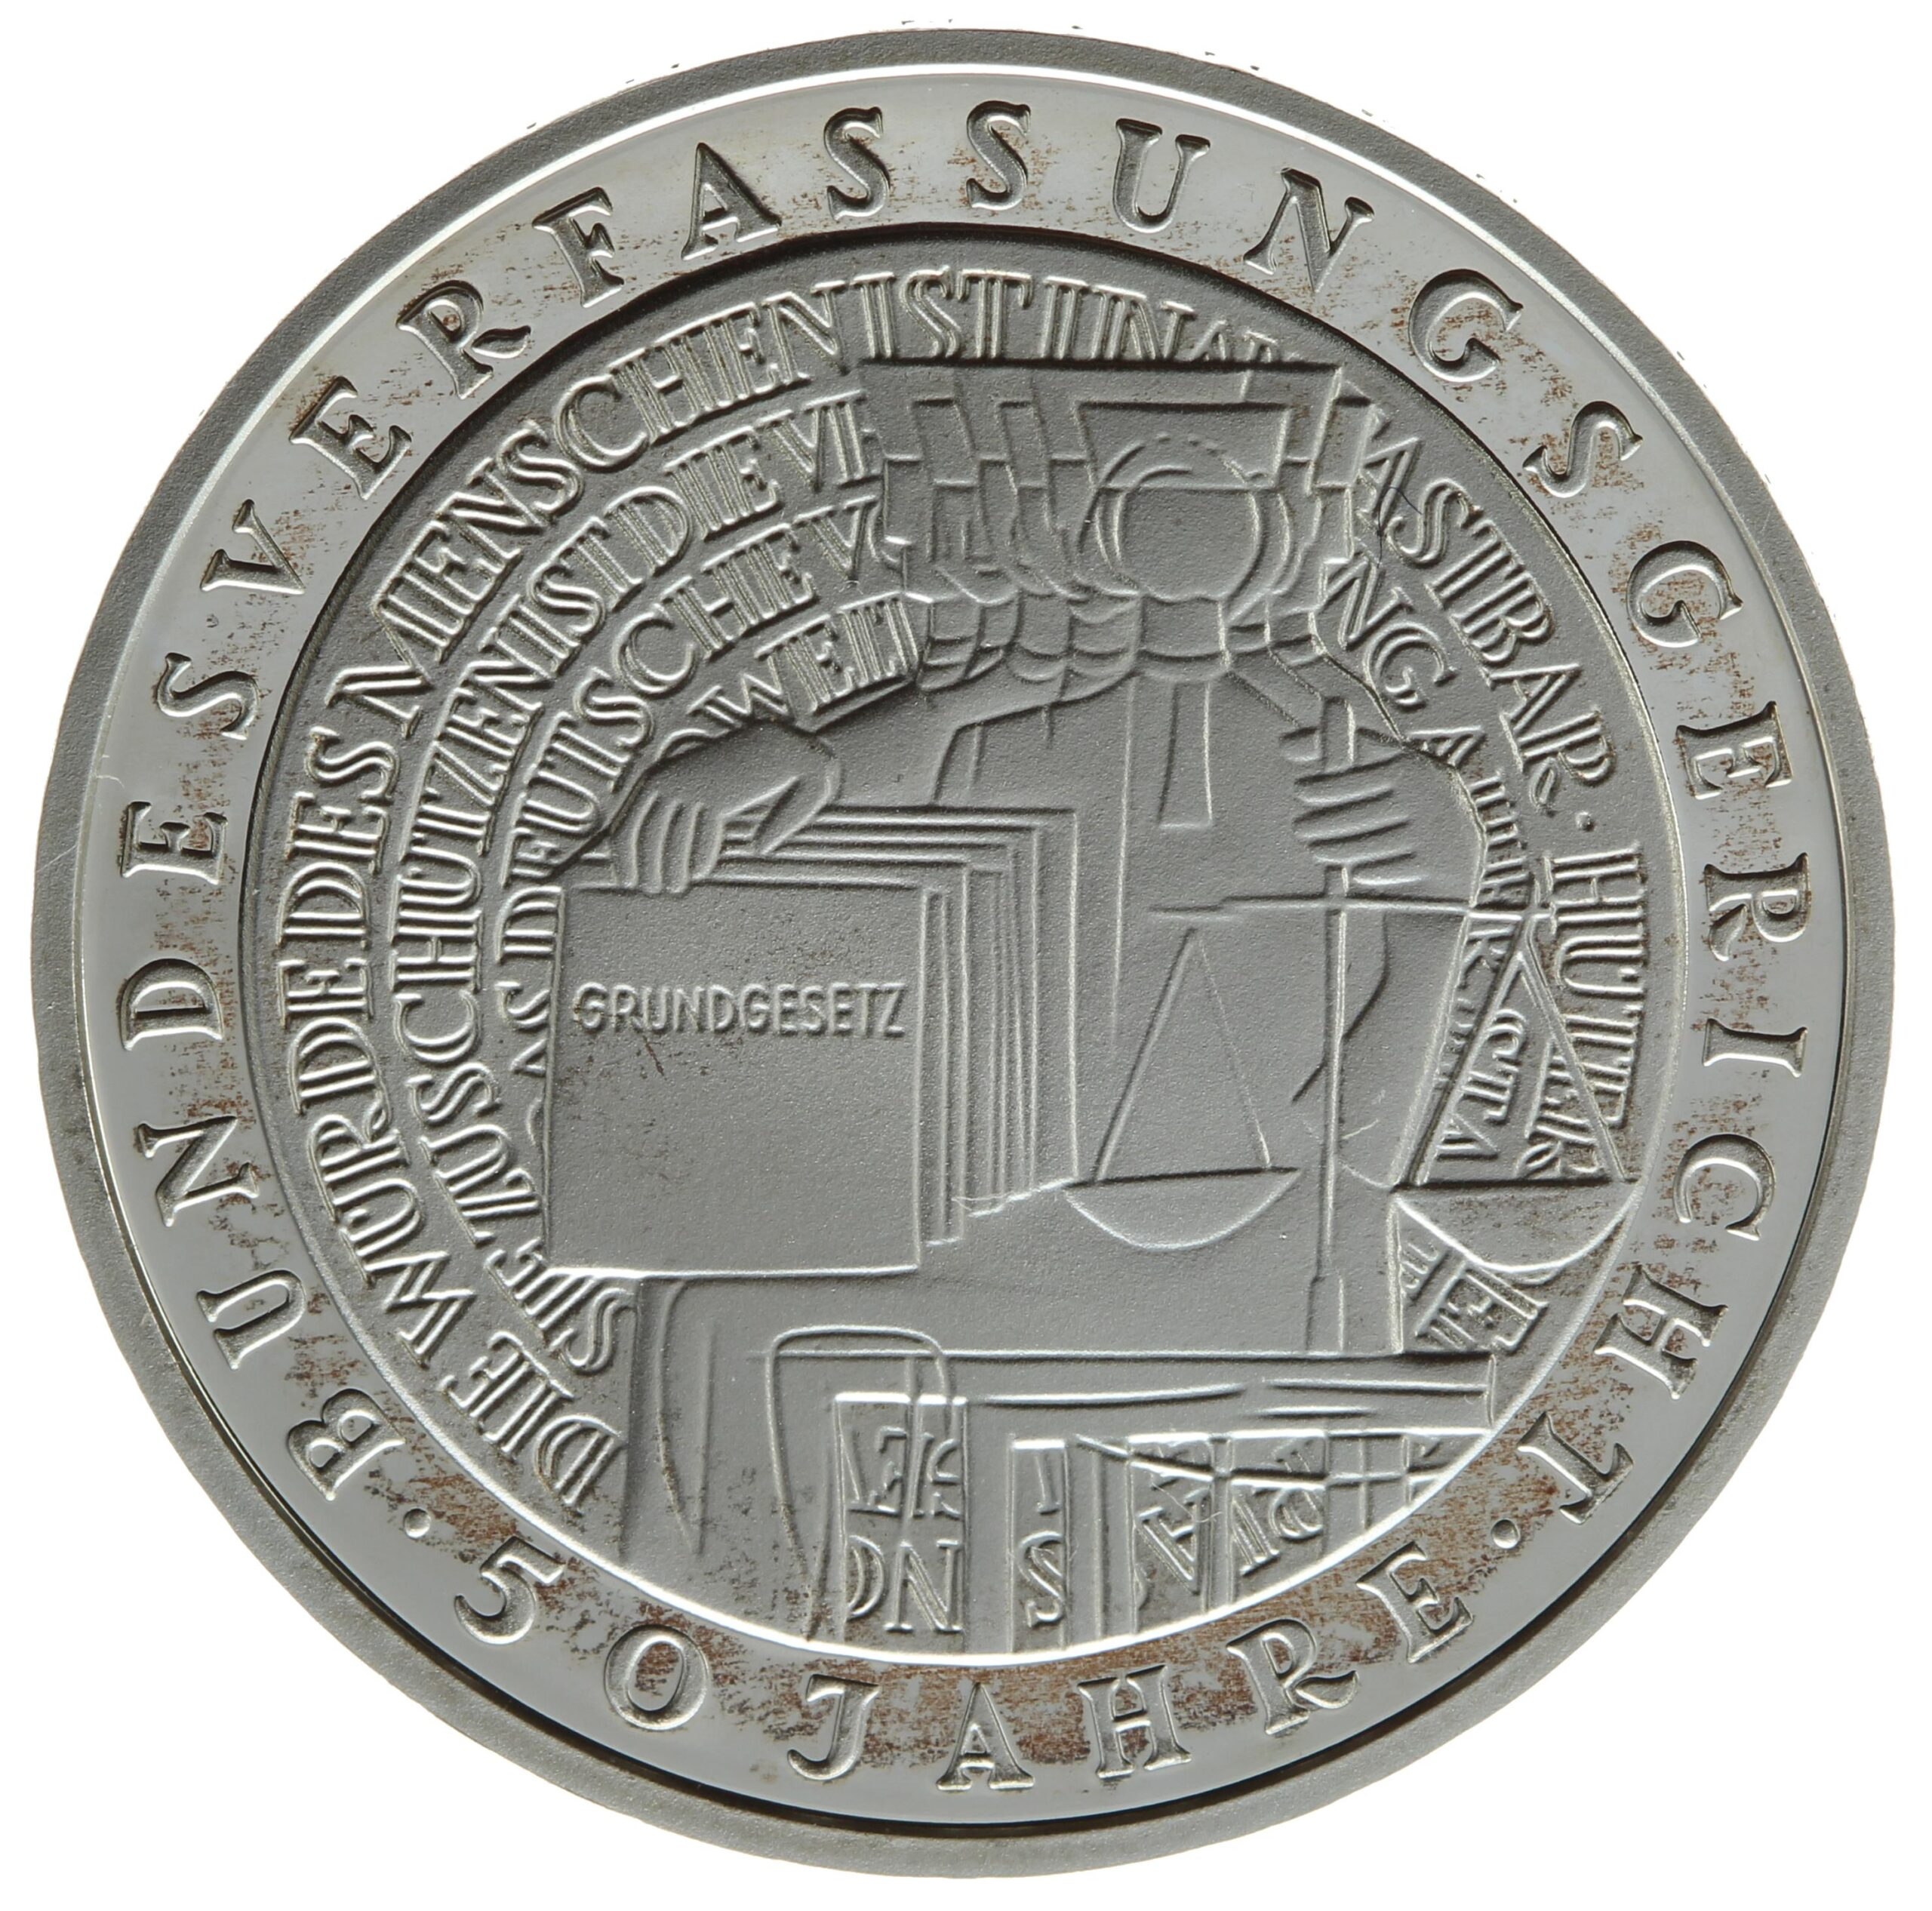 DE 10 Deutsche Mark 2001 D